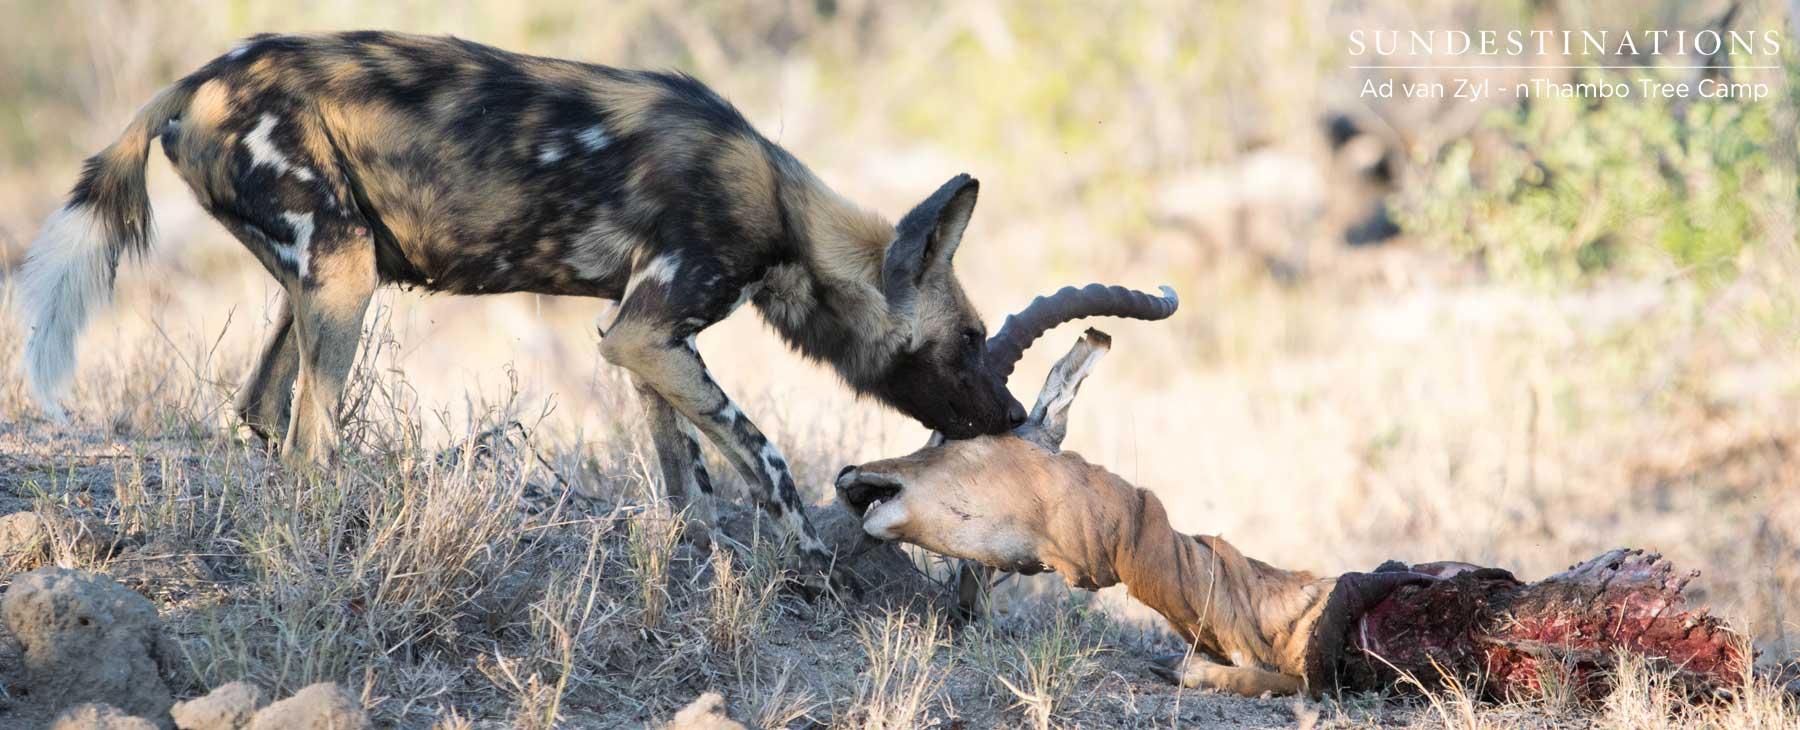 Wild Dog with Impala Kill